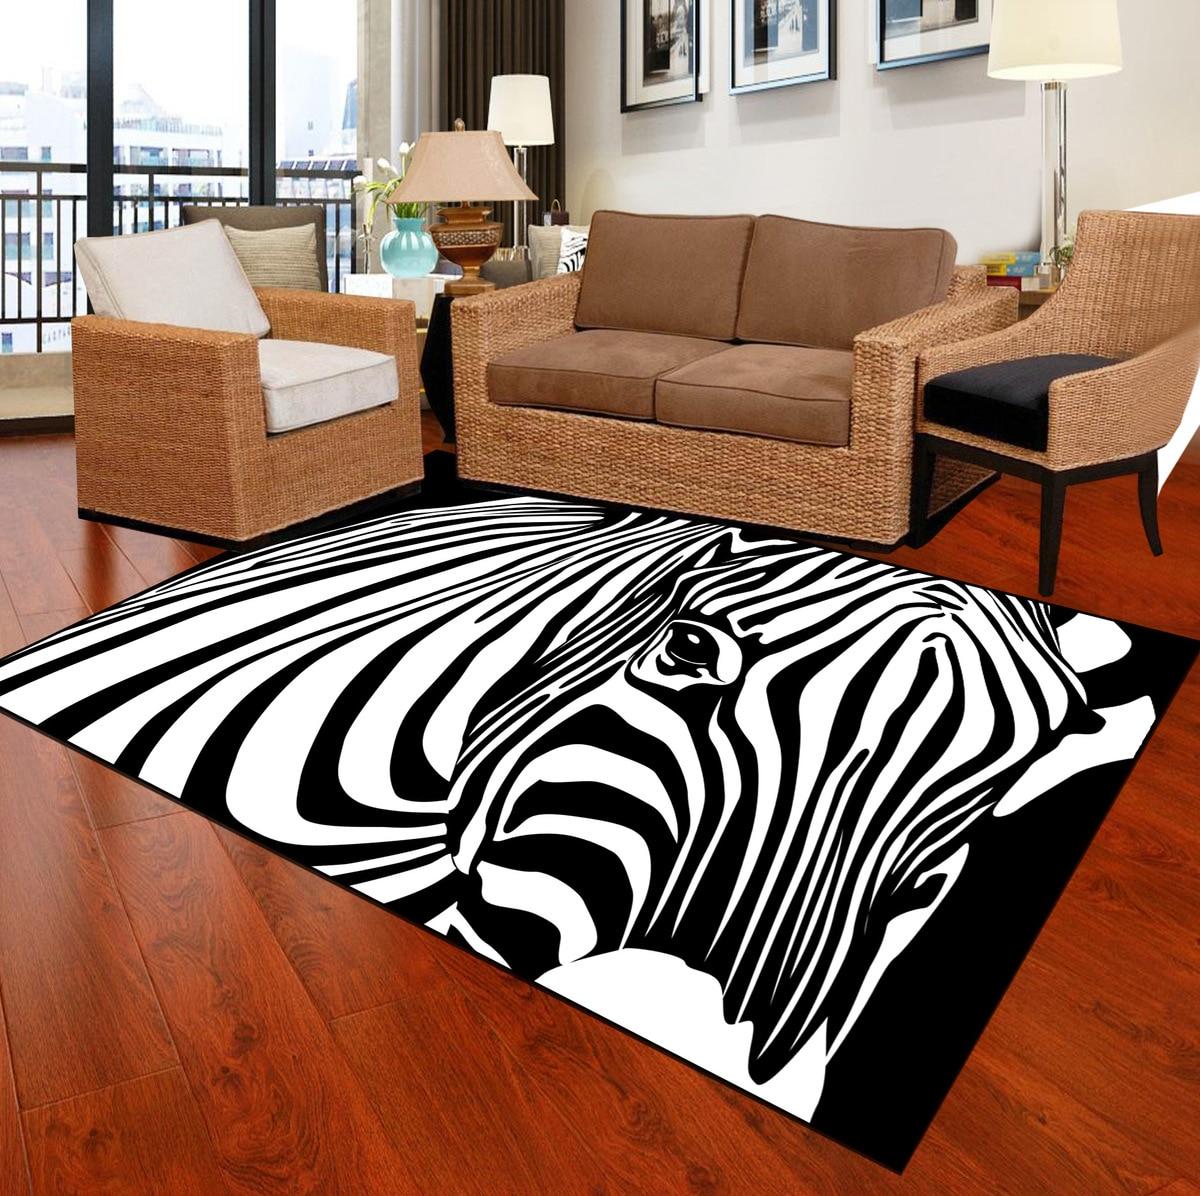 Zebra Stripe Modern Fashion Large Area Rug For Living Room